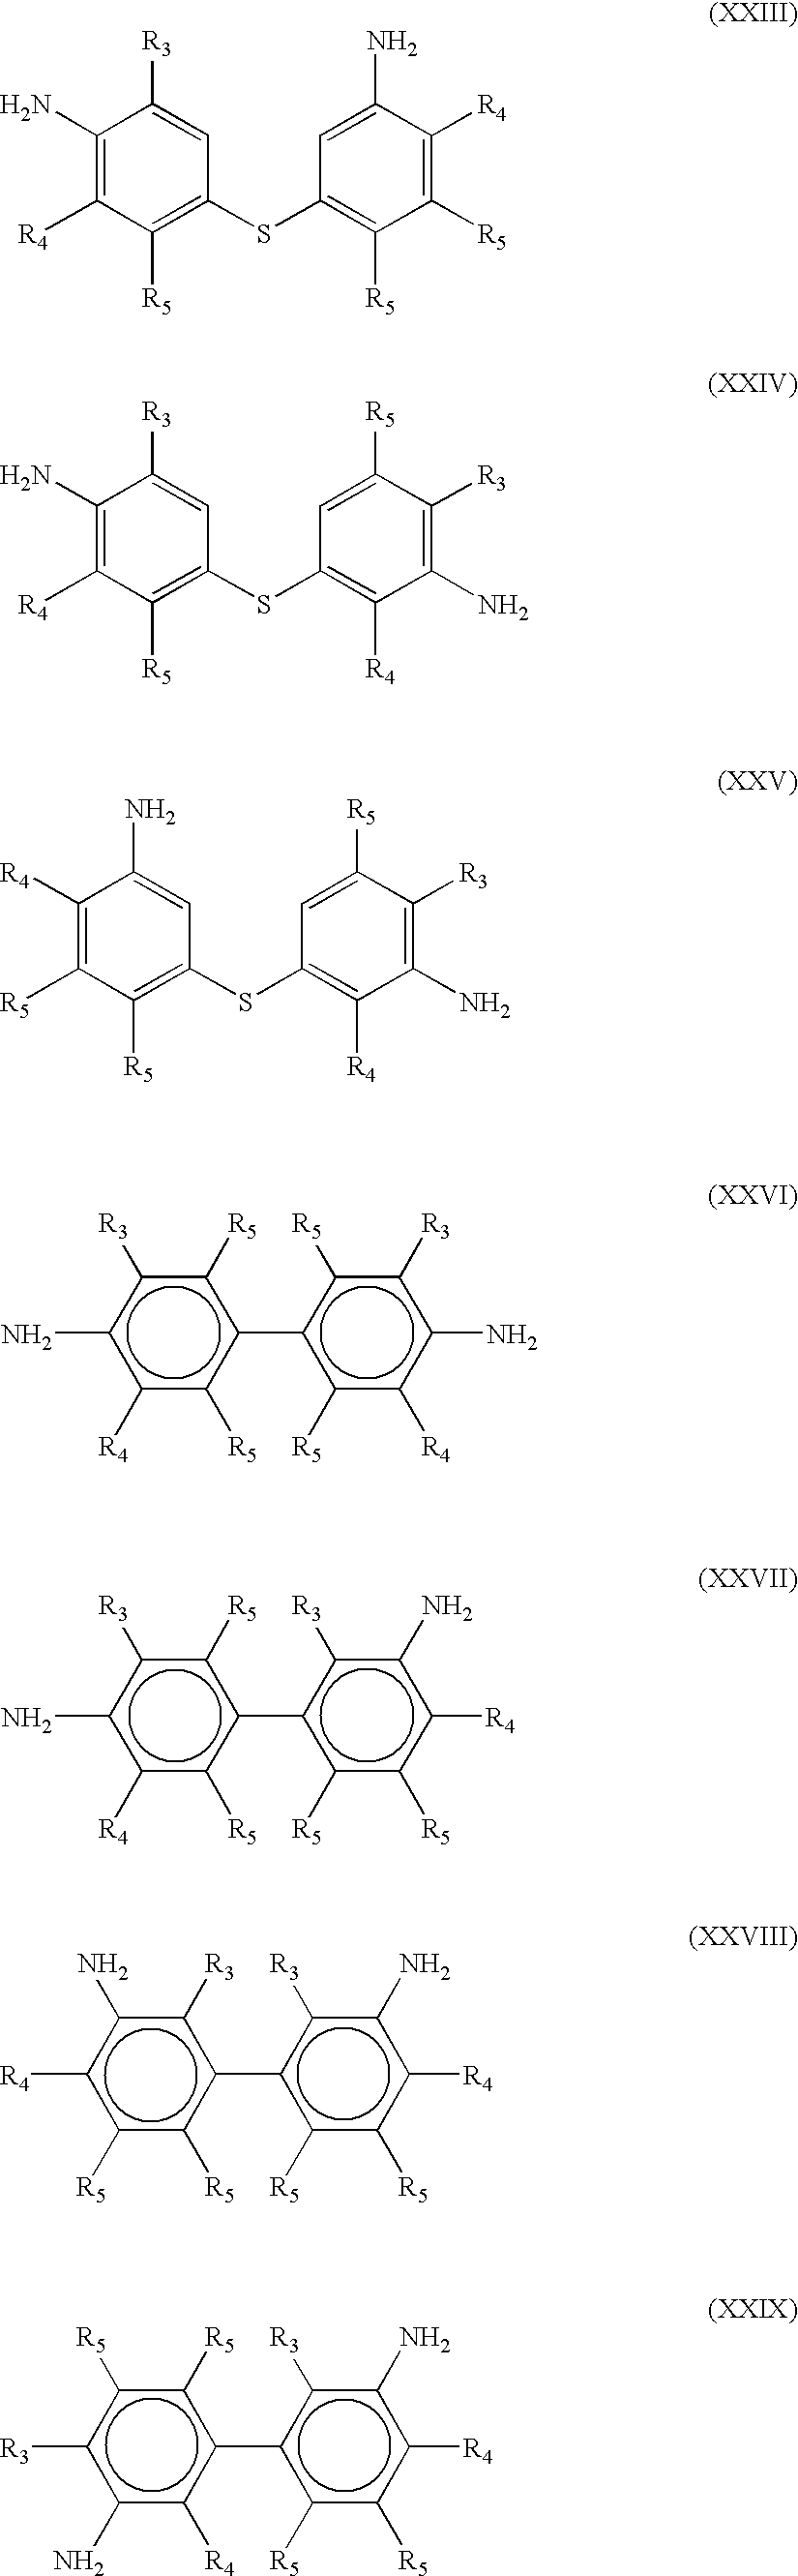 Figure US20090281268A1-20091112-C00012